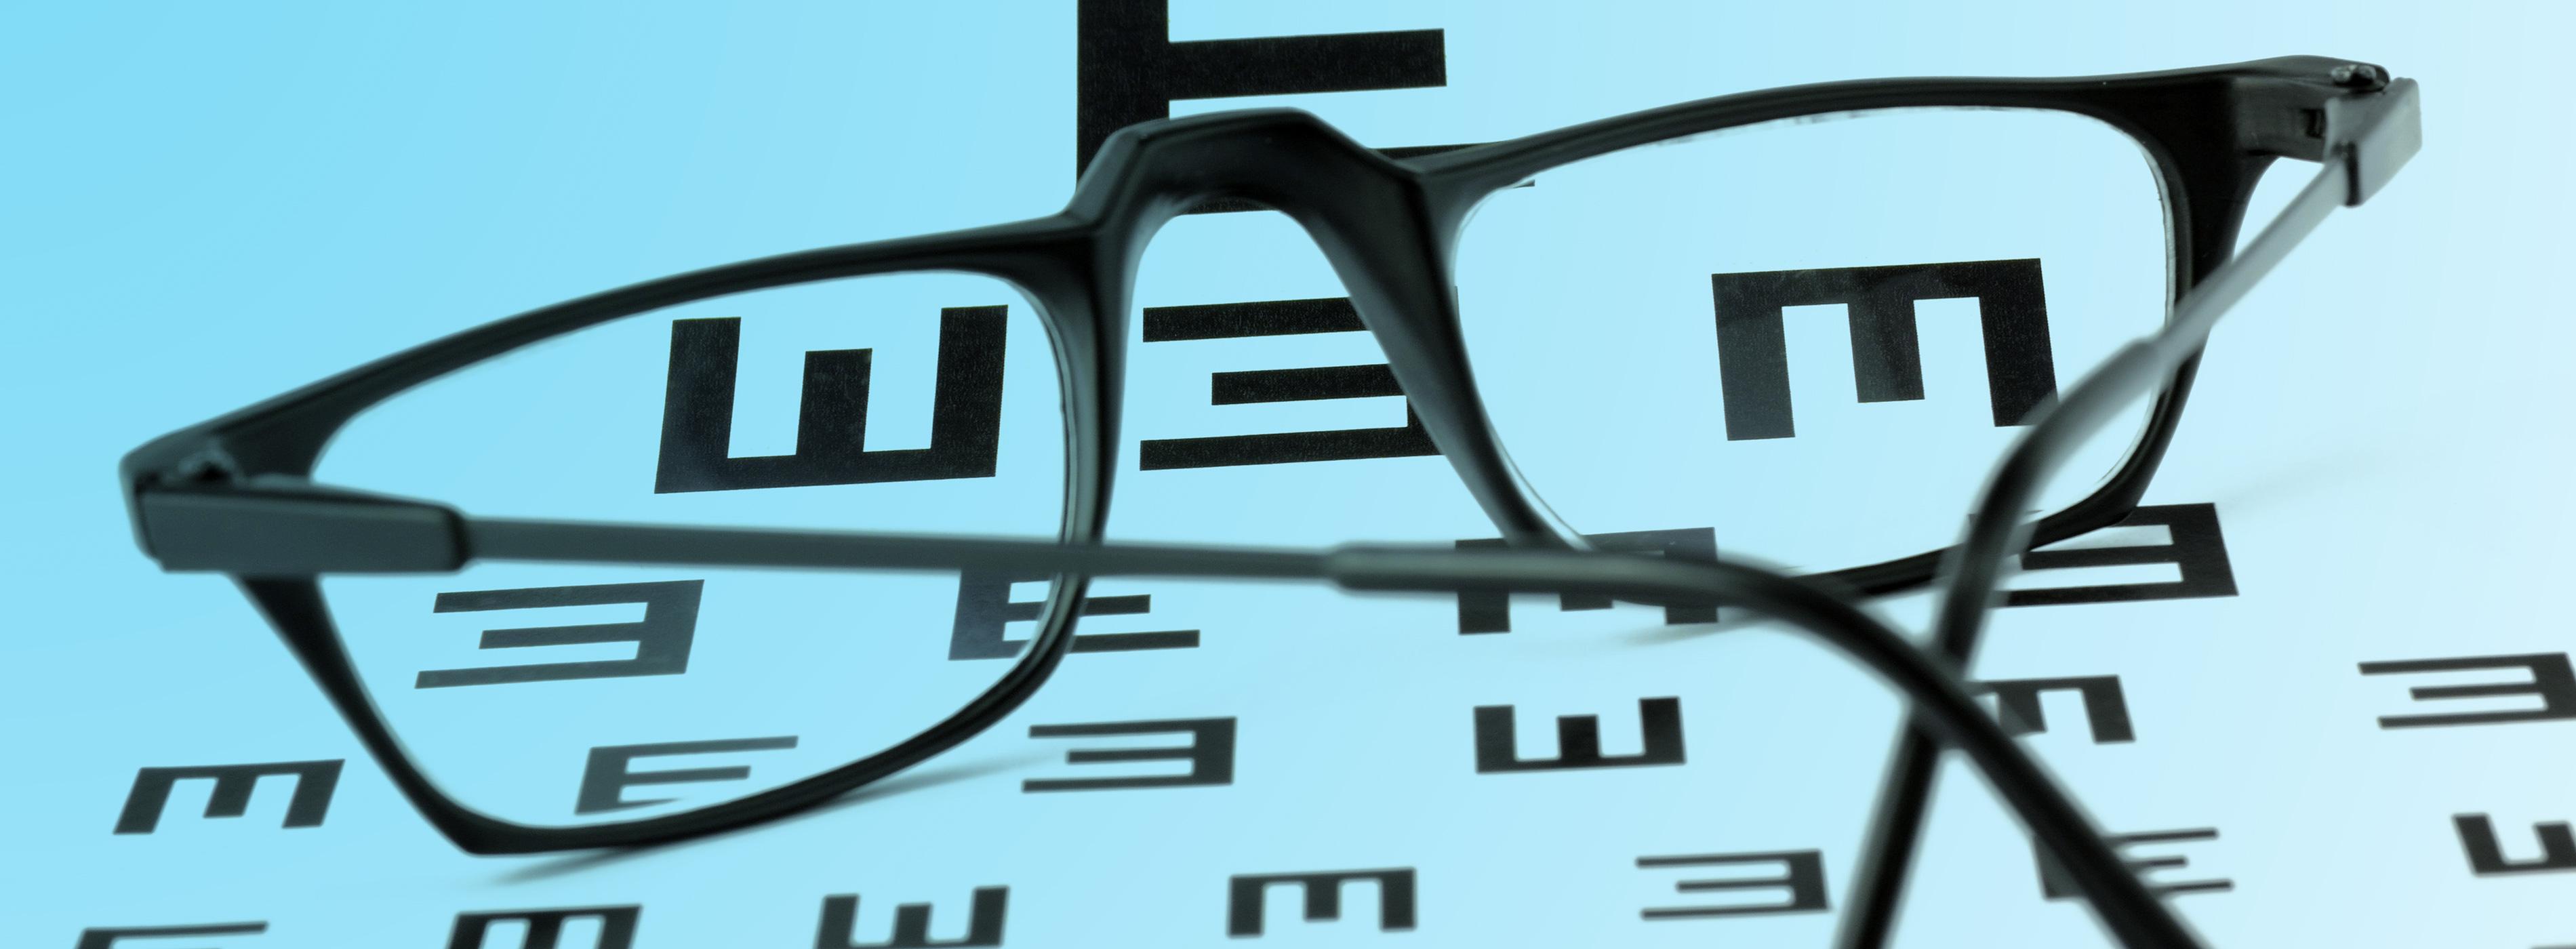 Augenprävention Augengesundheit Augenarzt Berlin Zehlendorf Schlachtensee